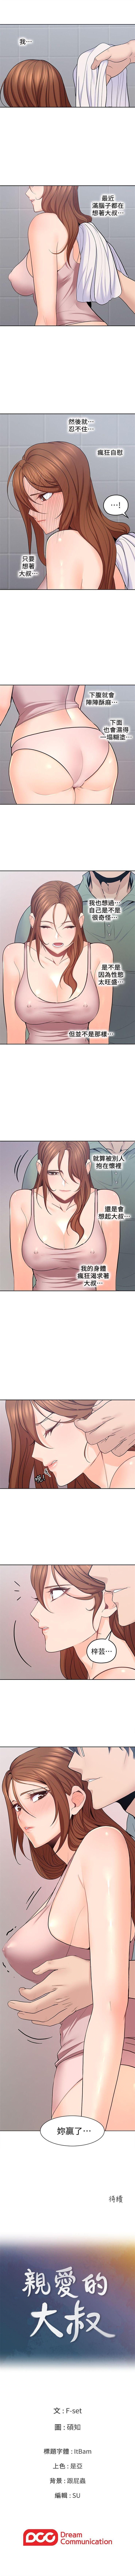 (週4)親愛的大叔 1-33 中文翻譯(更新中) 127